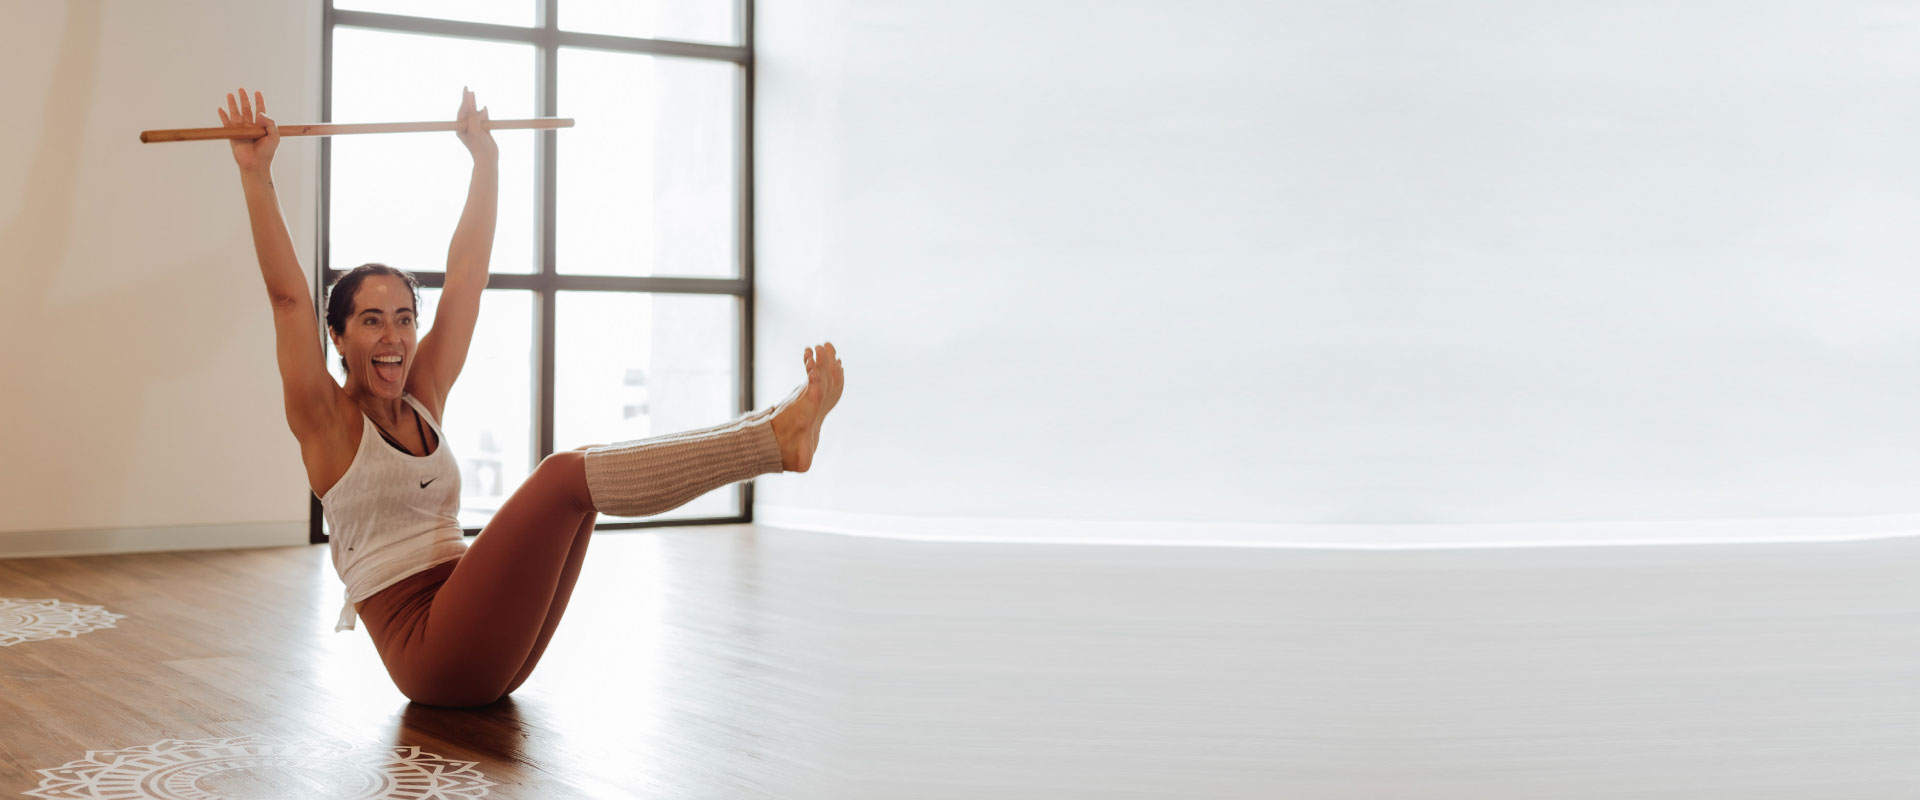 Mujer saca la lengua mientras practica yoga en una postura de bote en una studio de yoga.